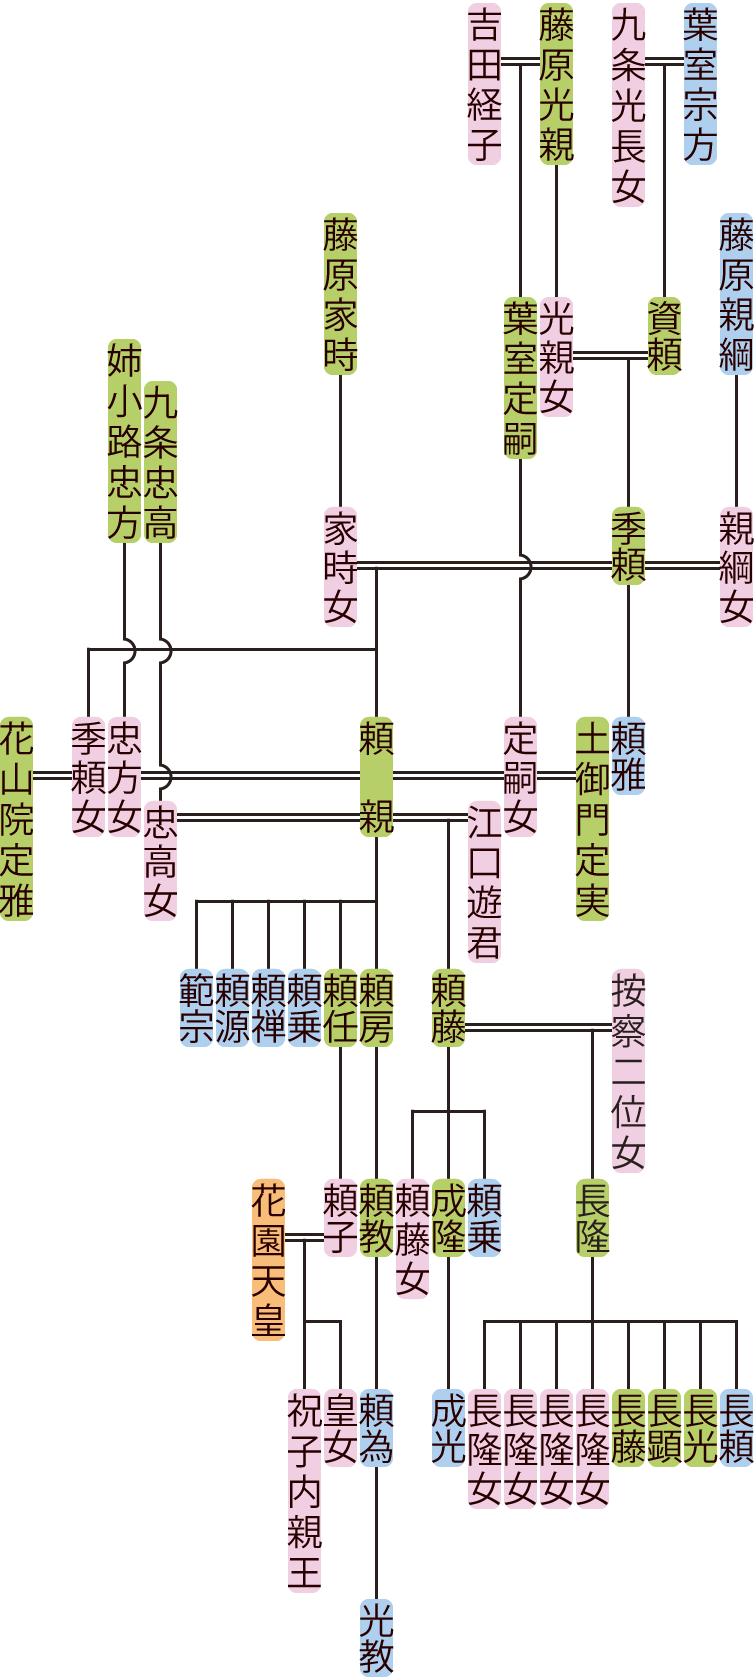 葉室季頼~頼藤の系図